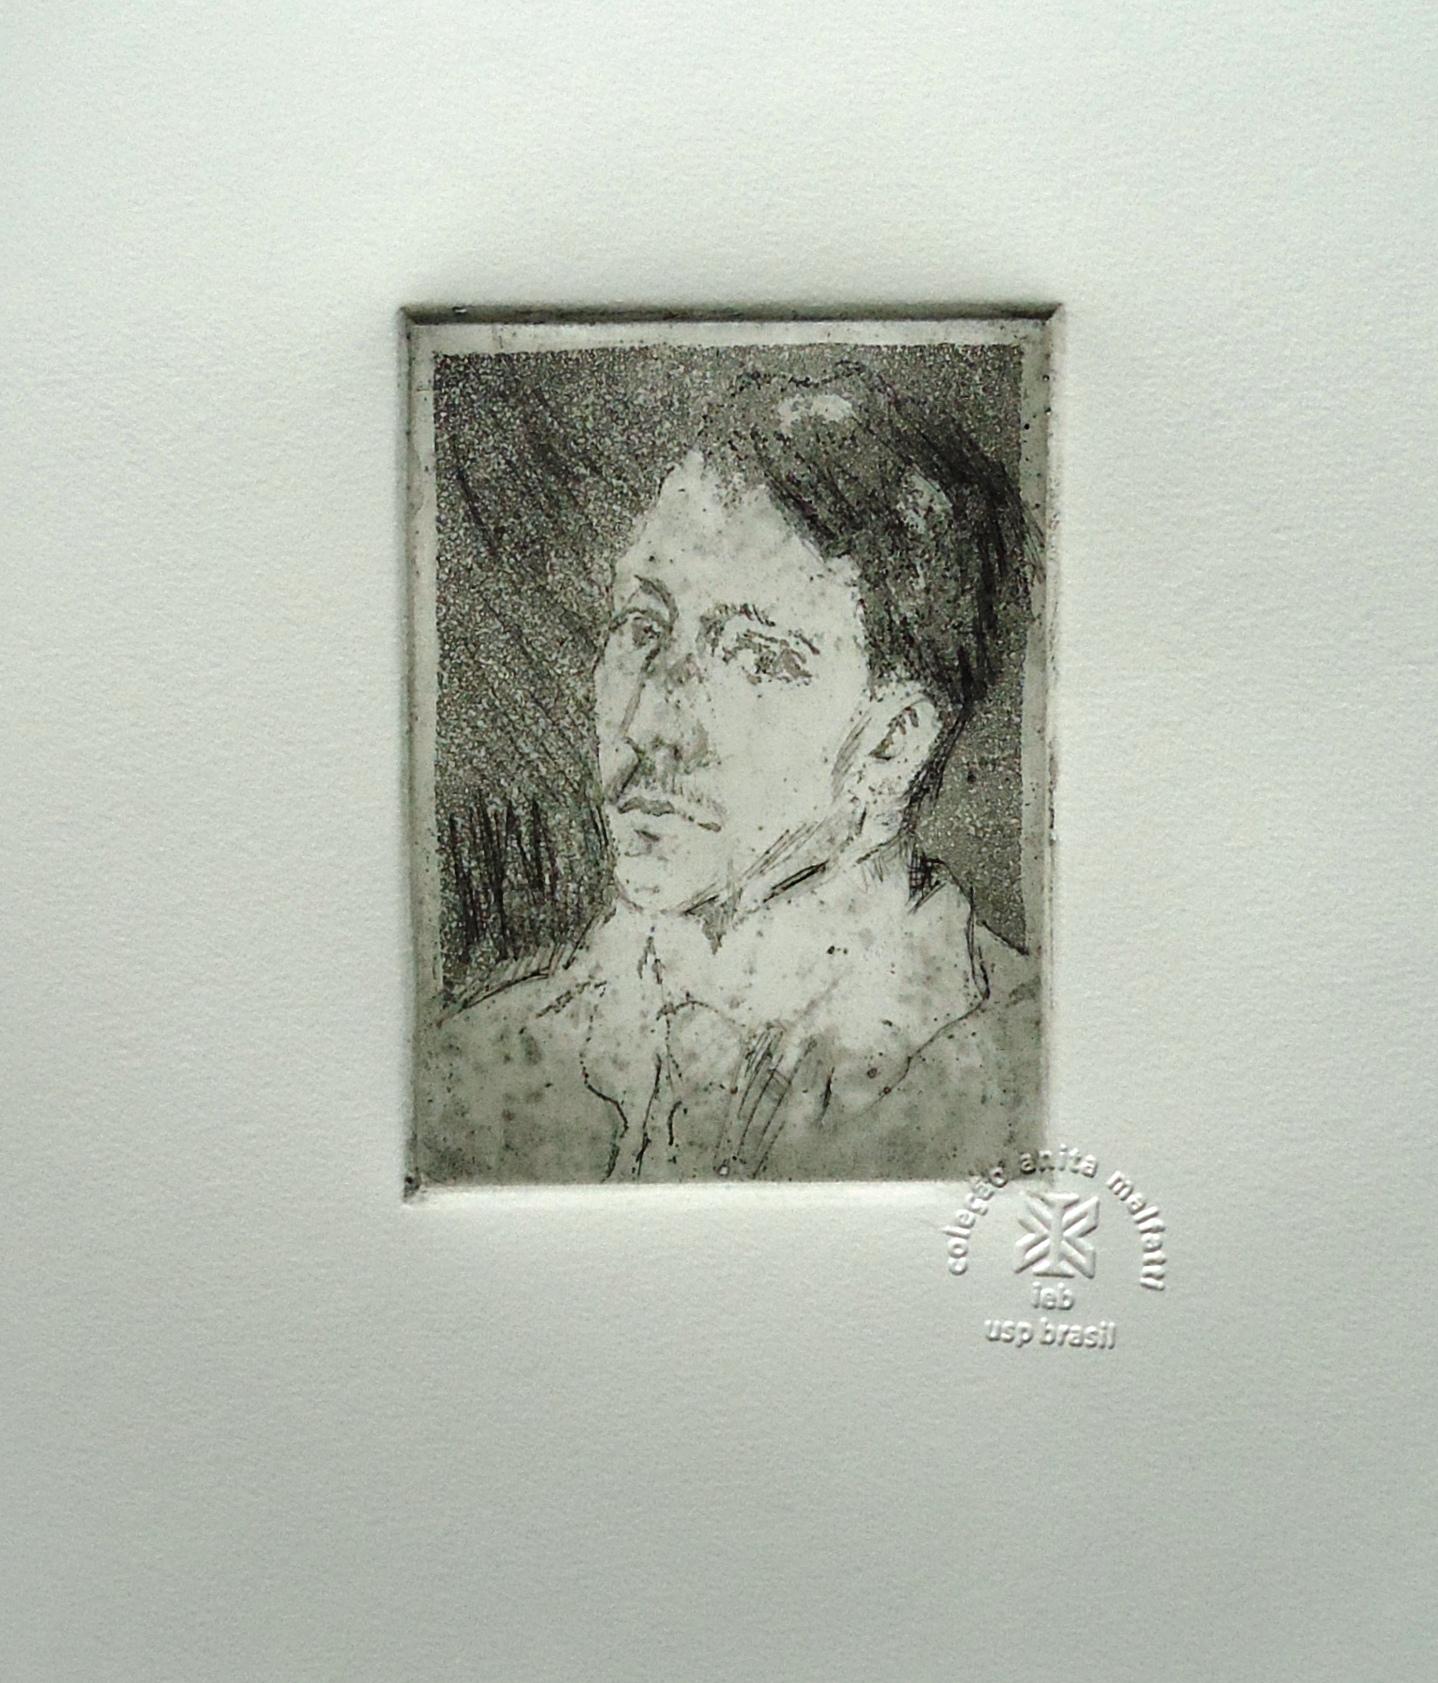 <b>UM COLEGA</b>, 1911/13<br>água-forte e água-tinta, 12 x 9 cm<br>tiragem póstuma<br>IEB-USP